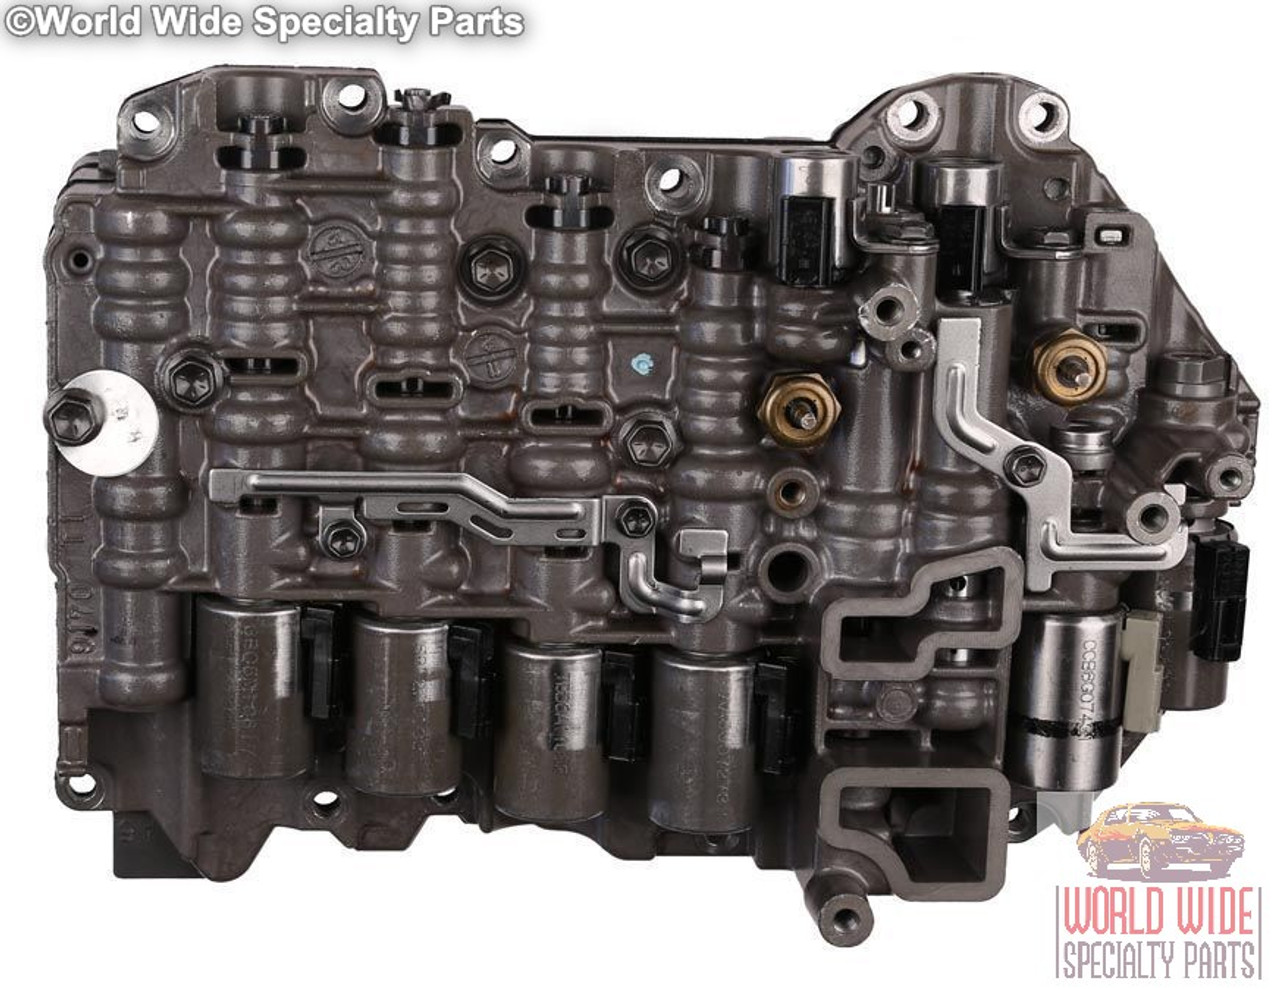 Volkswagen 09G, TF60SN Valve Body, w/Case Cooler 07/04-UP